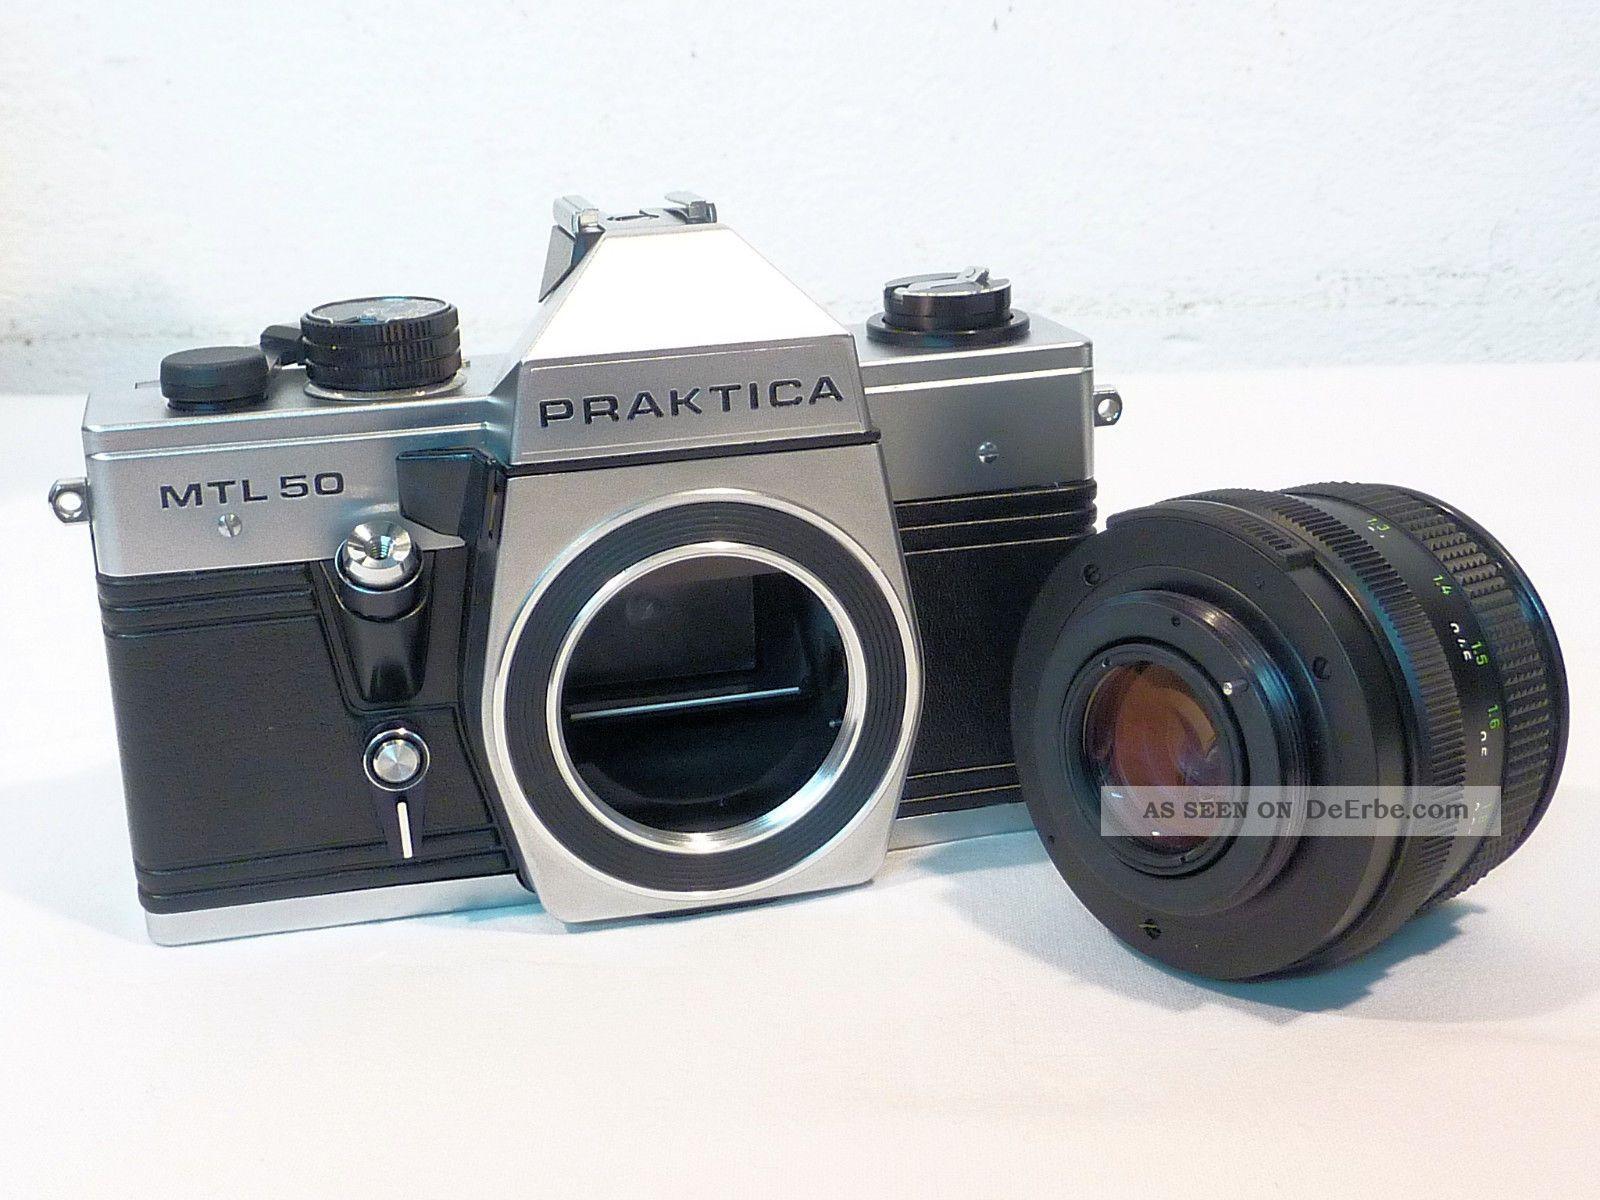 Ddr kamera praktica mtl 50 neuwertig mit ovp & belege von 1987